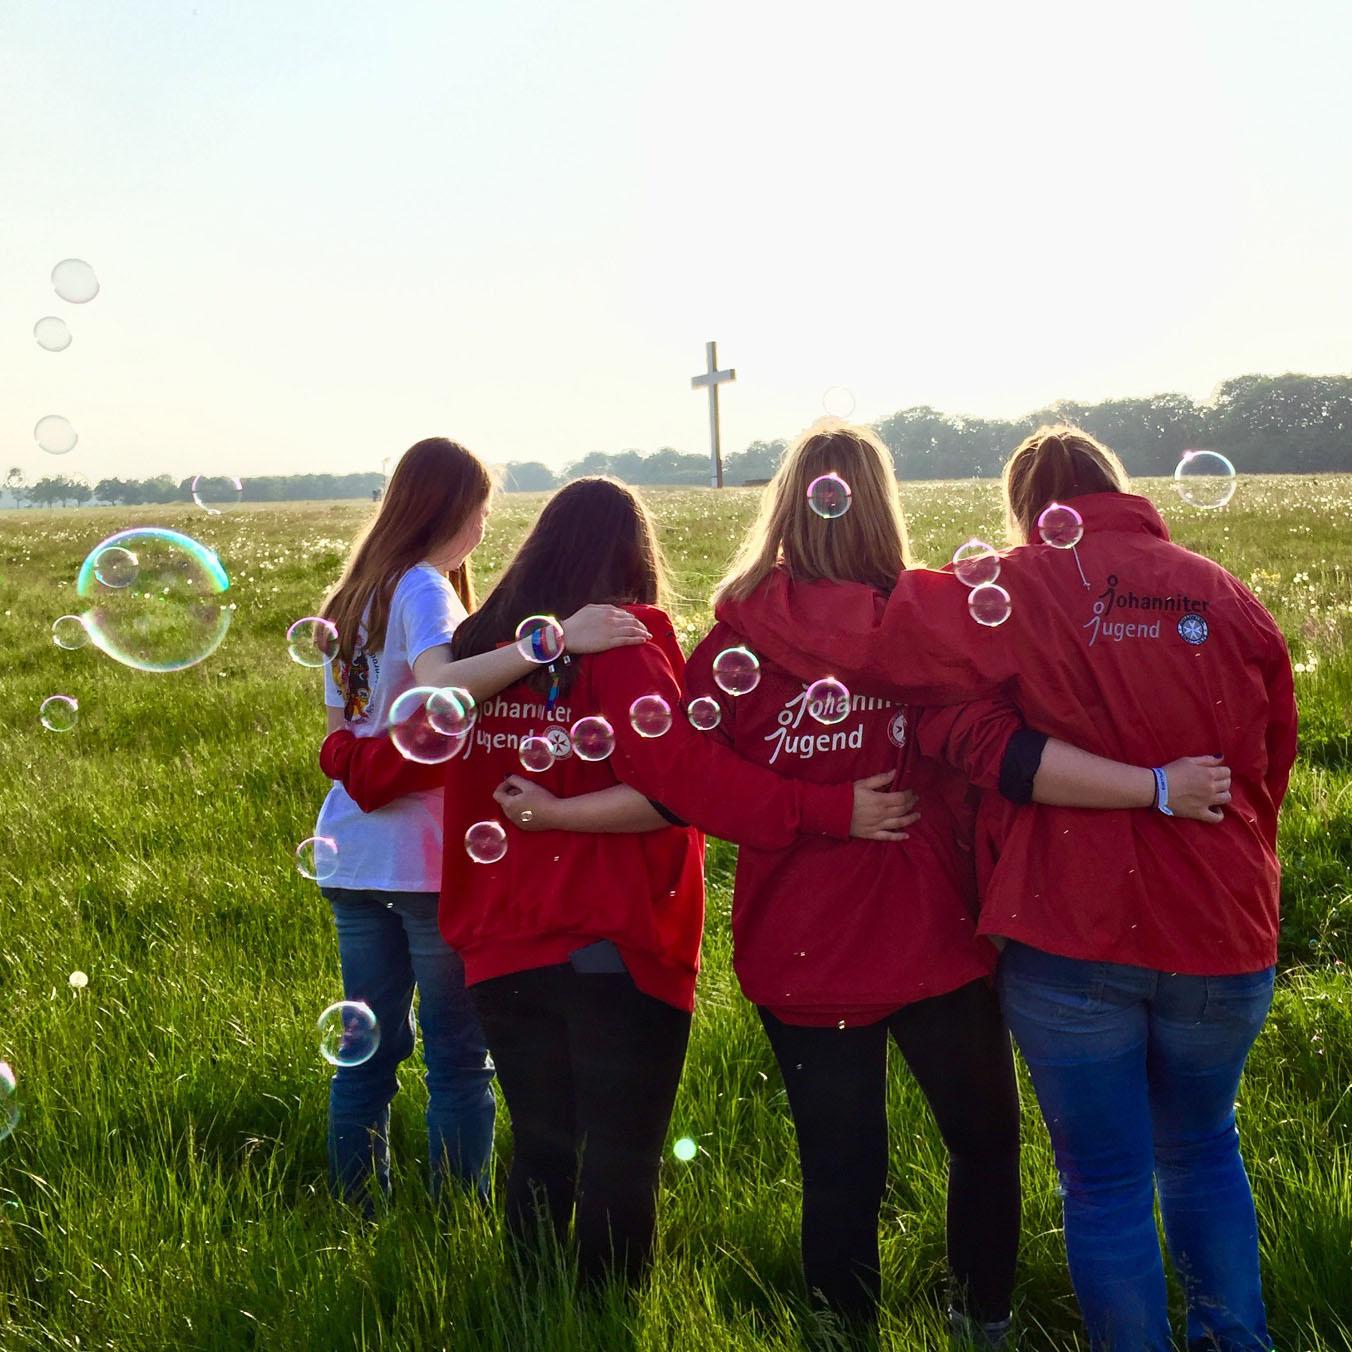 Vier Jugendliche mit Johanniter-Jugend-Jacke stehen Arm in Arm auf einer großen Wiese. Im Hintergrund ist ein großes Kreuz zu sehen.